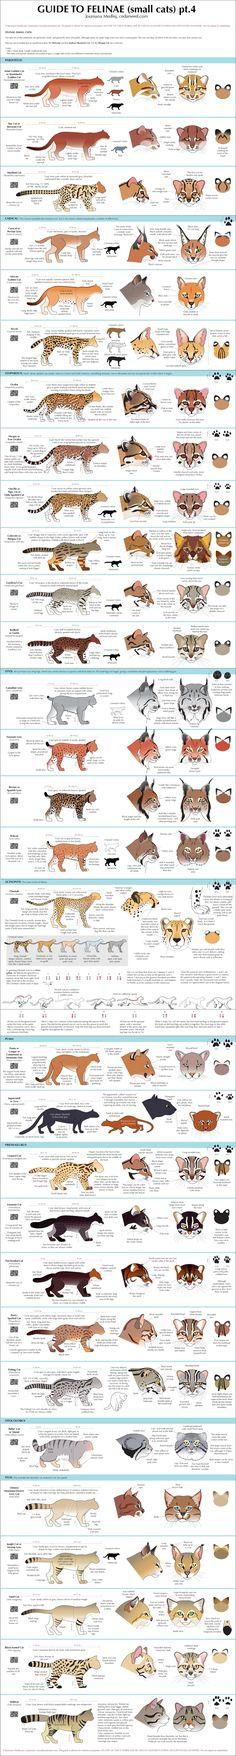 Guide to small #cat http://www.pinterest.com/jamesmarsano/animal-feline/